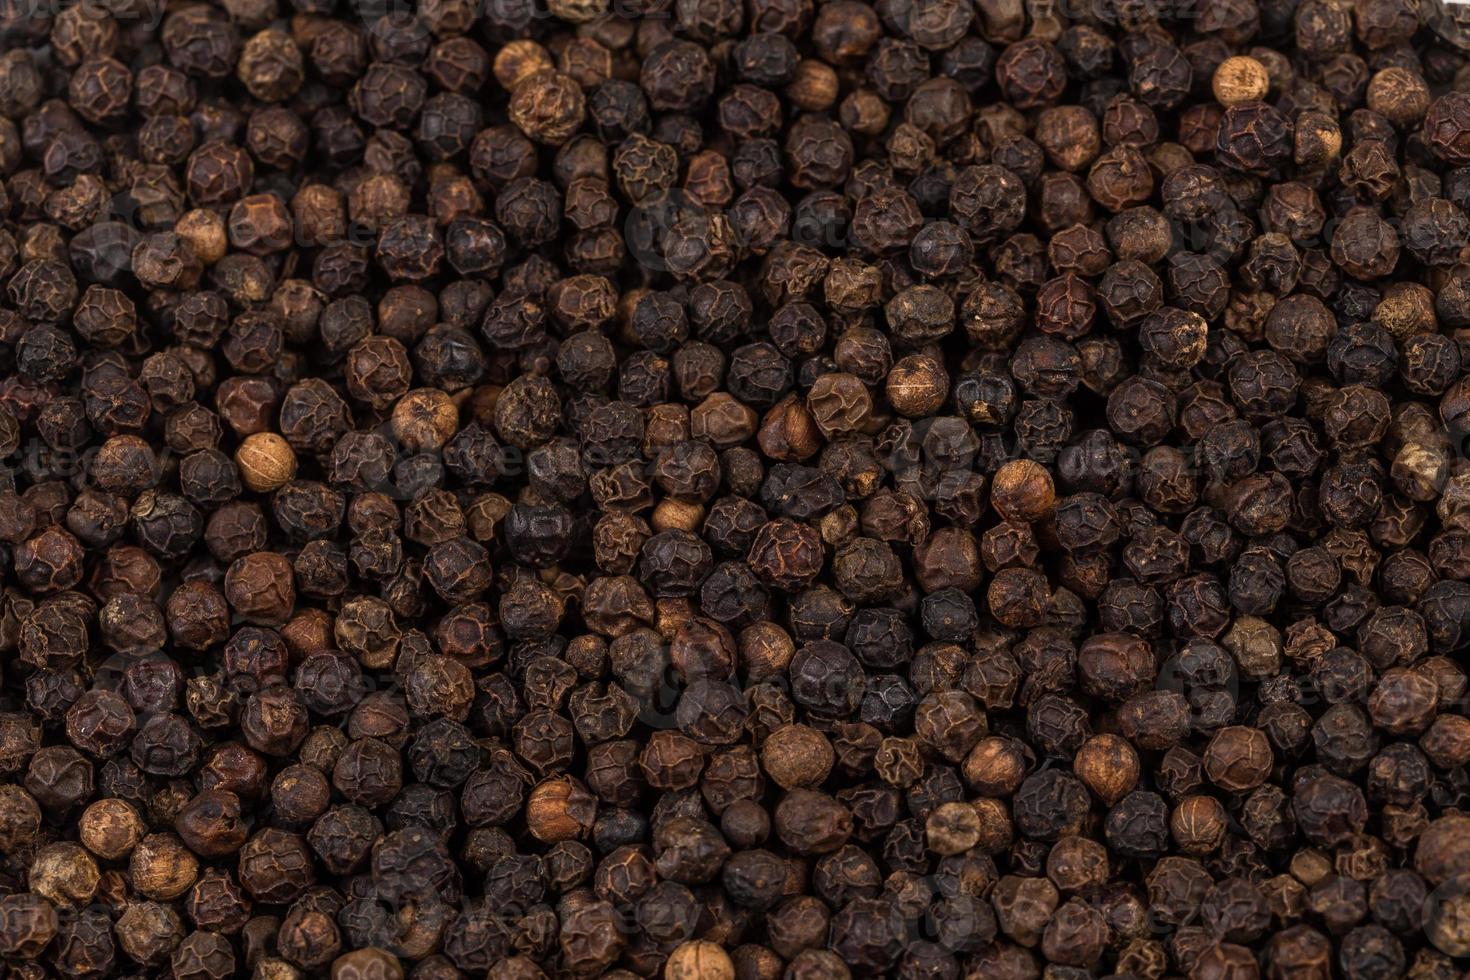 pimienta negra ampliada foto